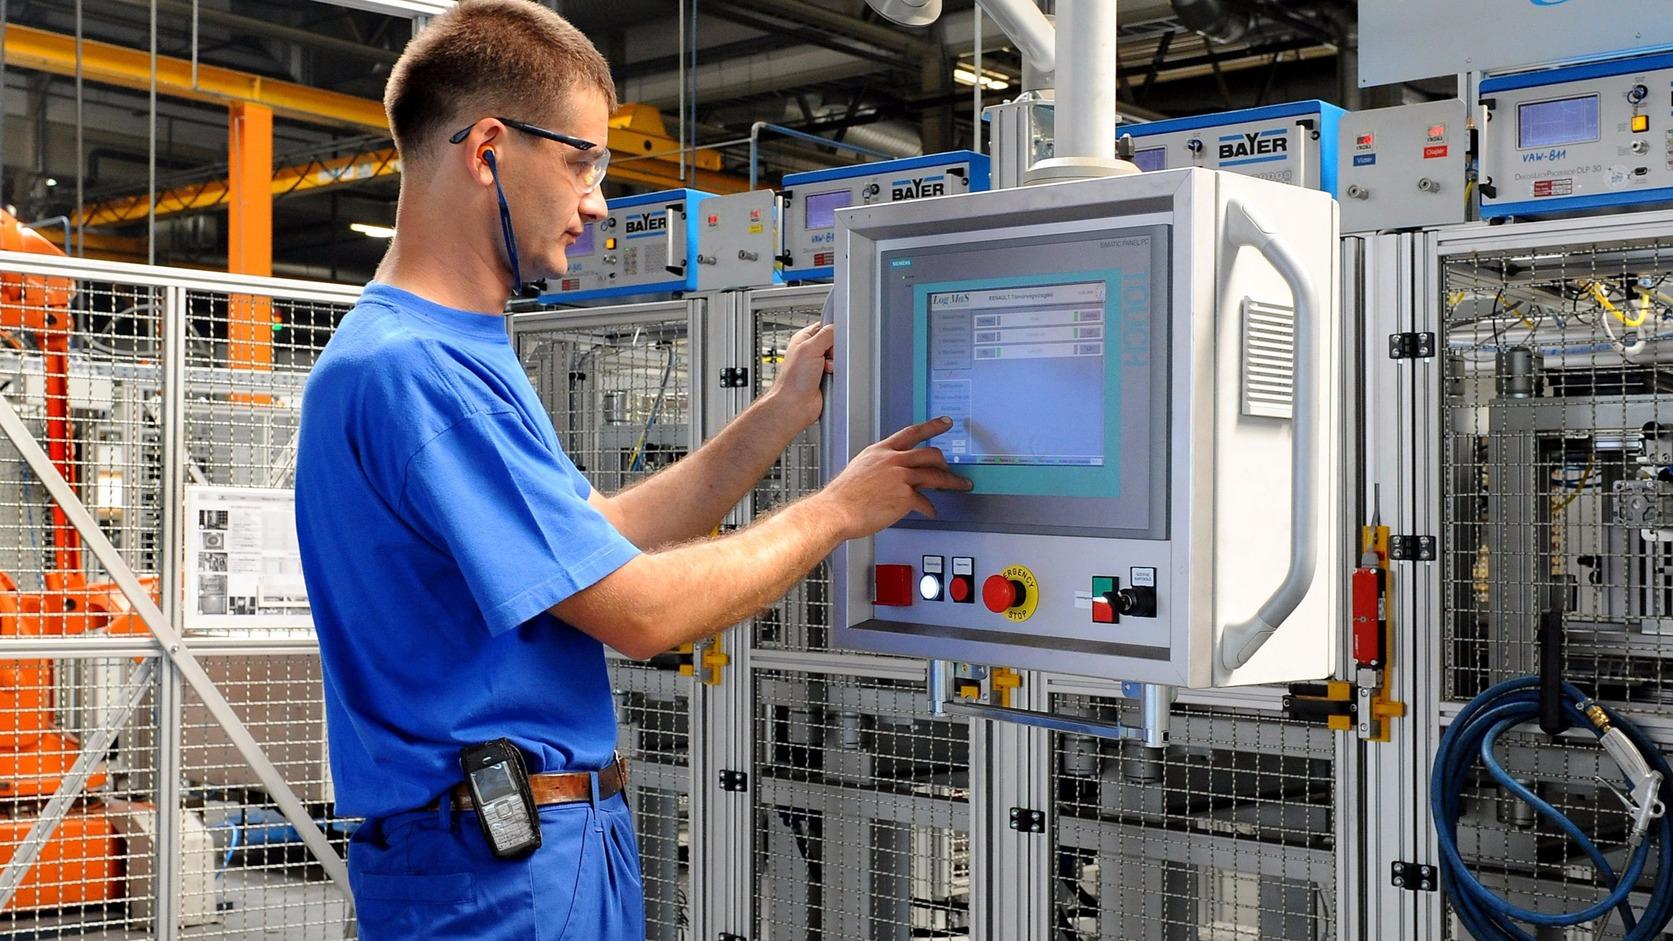 Győr, 2012. augusztus 3. Egy alkalmazott robot gyártósort programoz az autóipar számára hengerfejeket gyártó Nemak Kft. újonnan átadott gyárában a győri ipari parkban 2012. augusztus 3-án. A csaknem 50 milliárd forintos árbevételű cég a mexikói Nemak-csoport legnagyobb európai hengerfejgyára, amely az Opelt, és a Renault-t, az Audit és a BMW-t látja el termékeivel. MTI Fotó: Krizsán Csaba